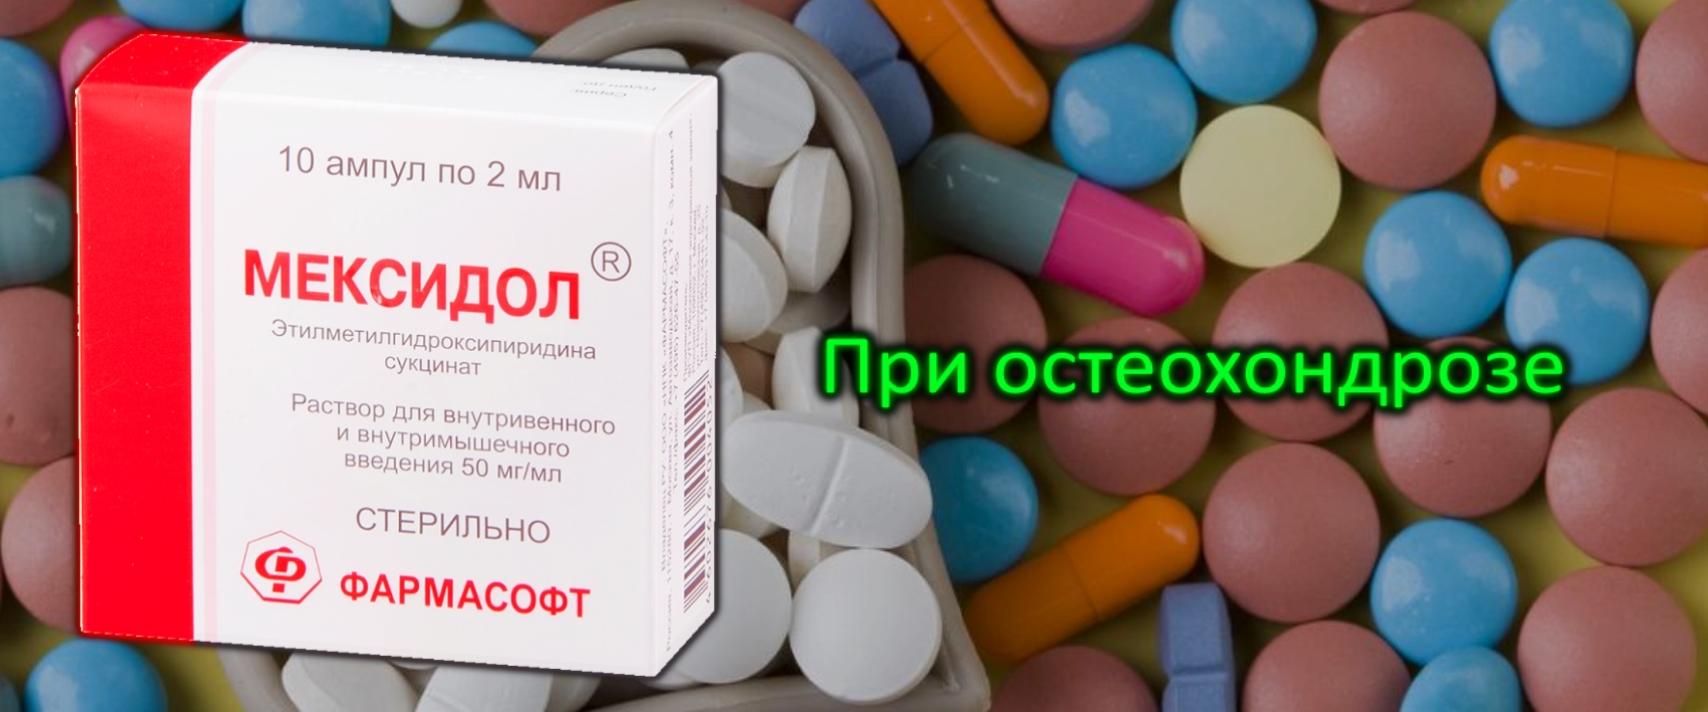 россияне мексидол при остеохондрозе умру